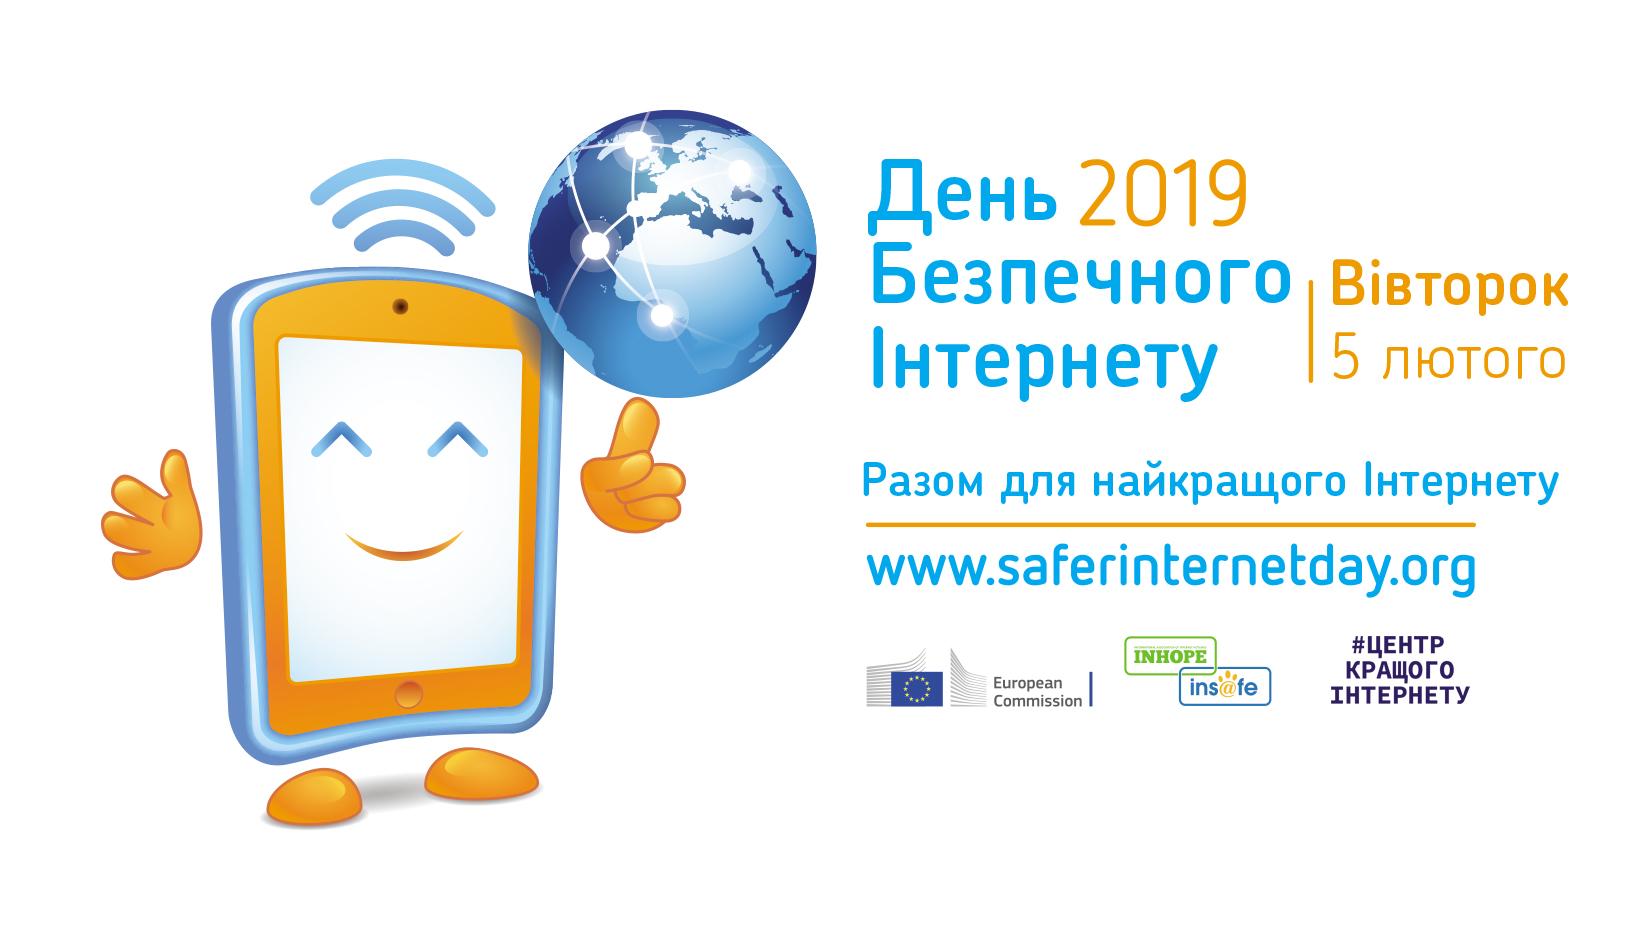 безпечний інтернет